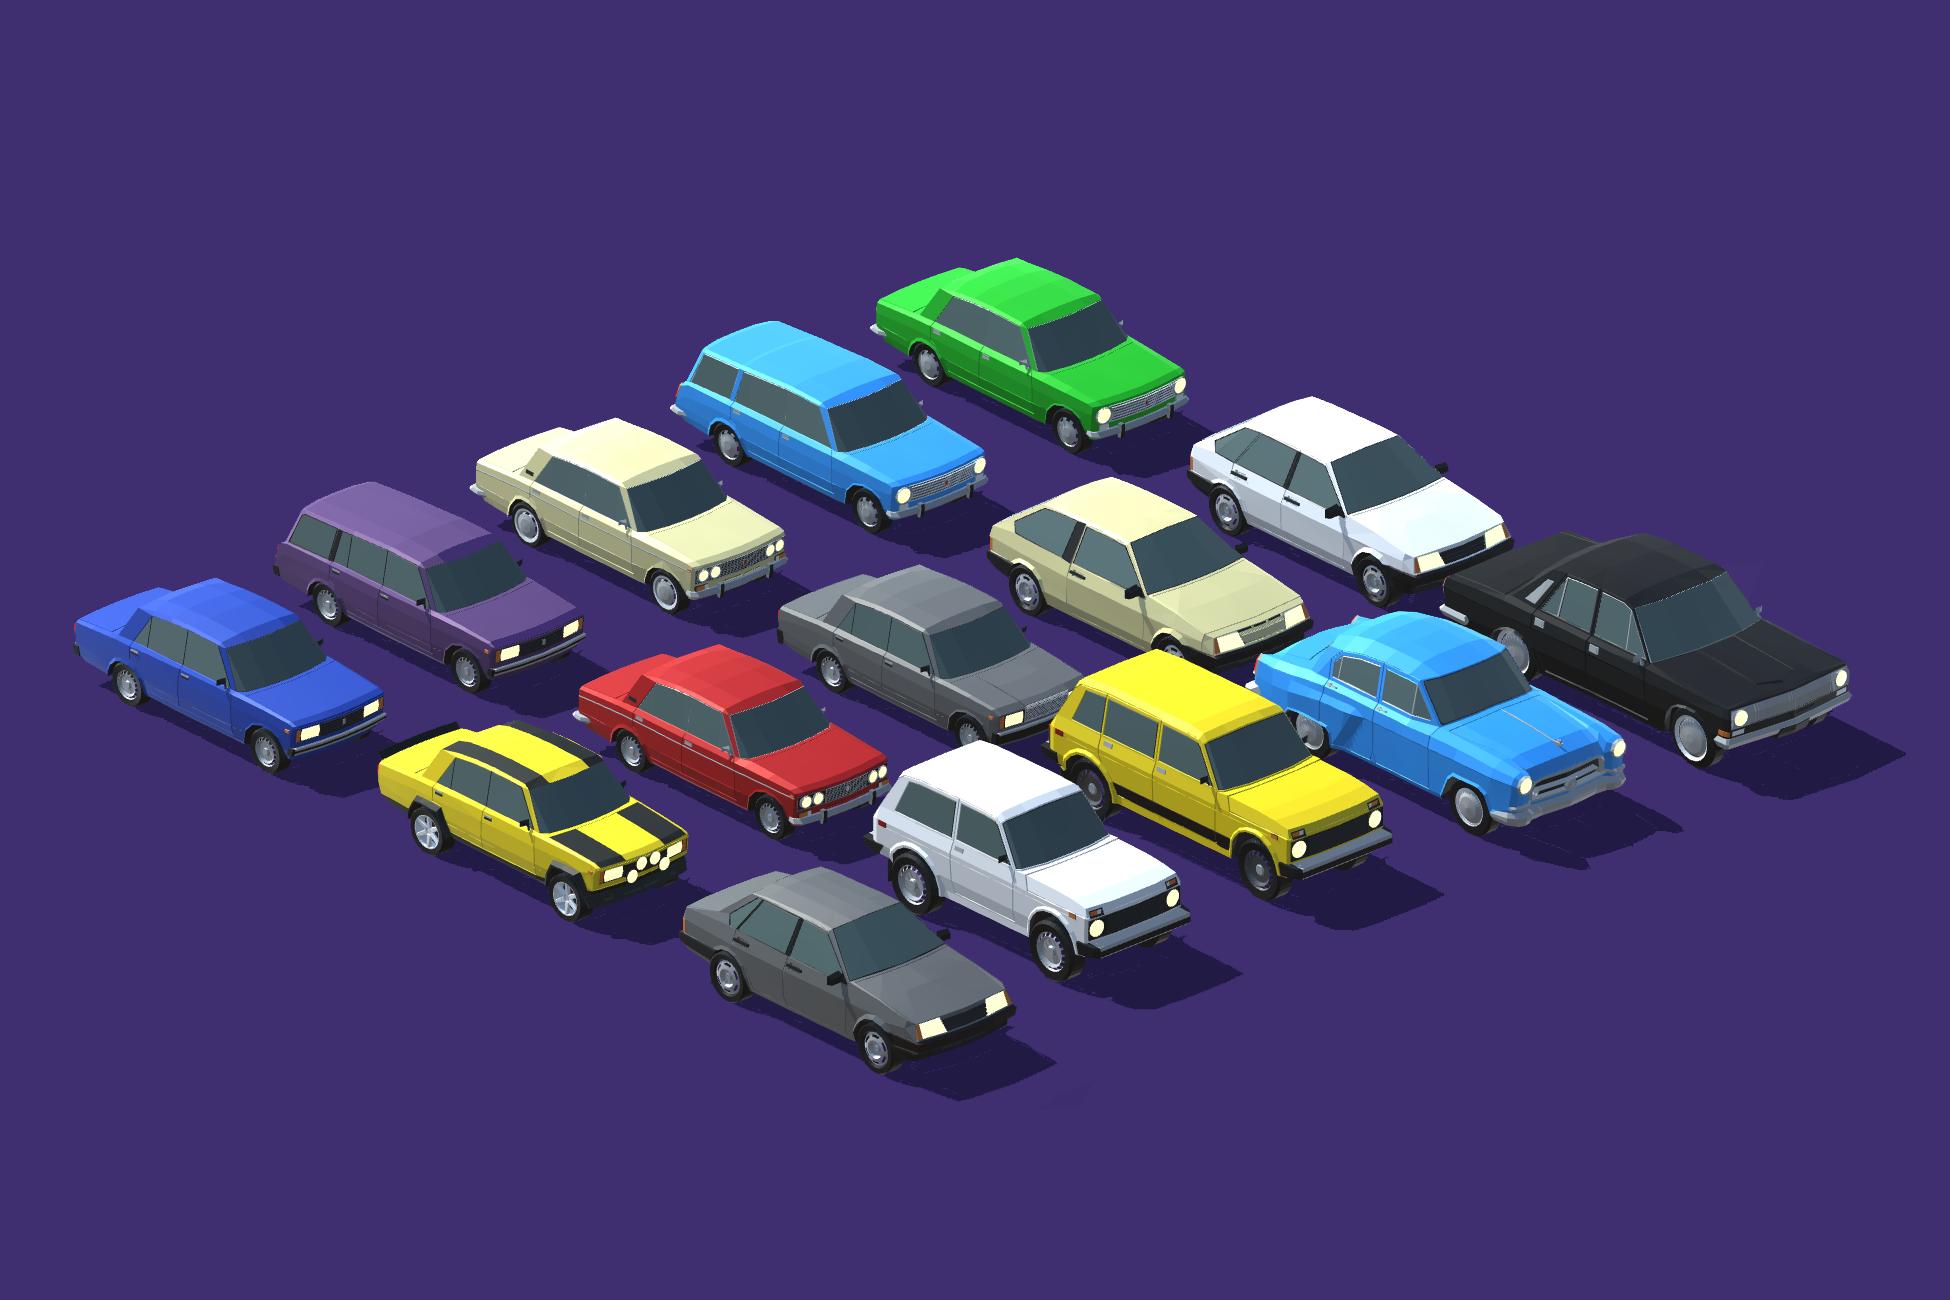 15 автомобилей советского автопрома, Low-poly | 3D моделлер, ищу разовые заказы/команду инди разработчиков